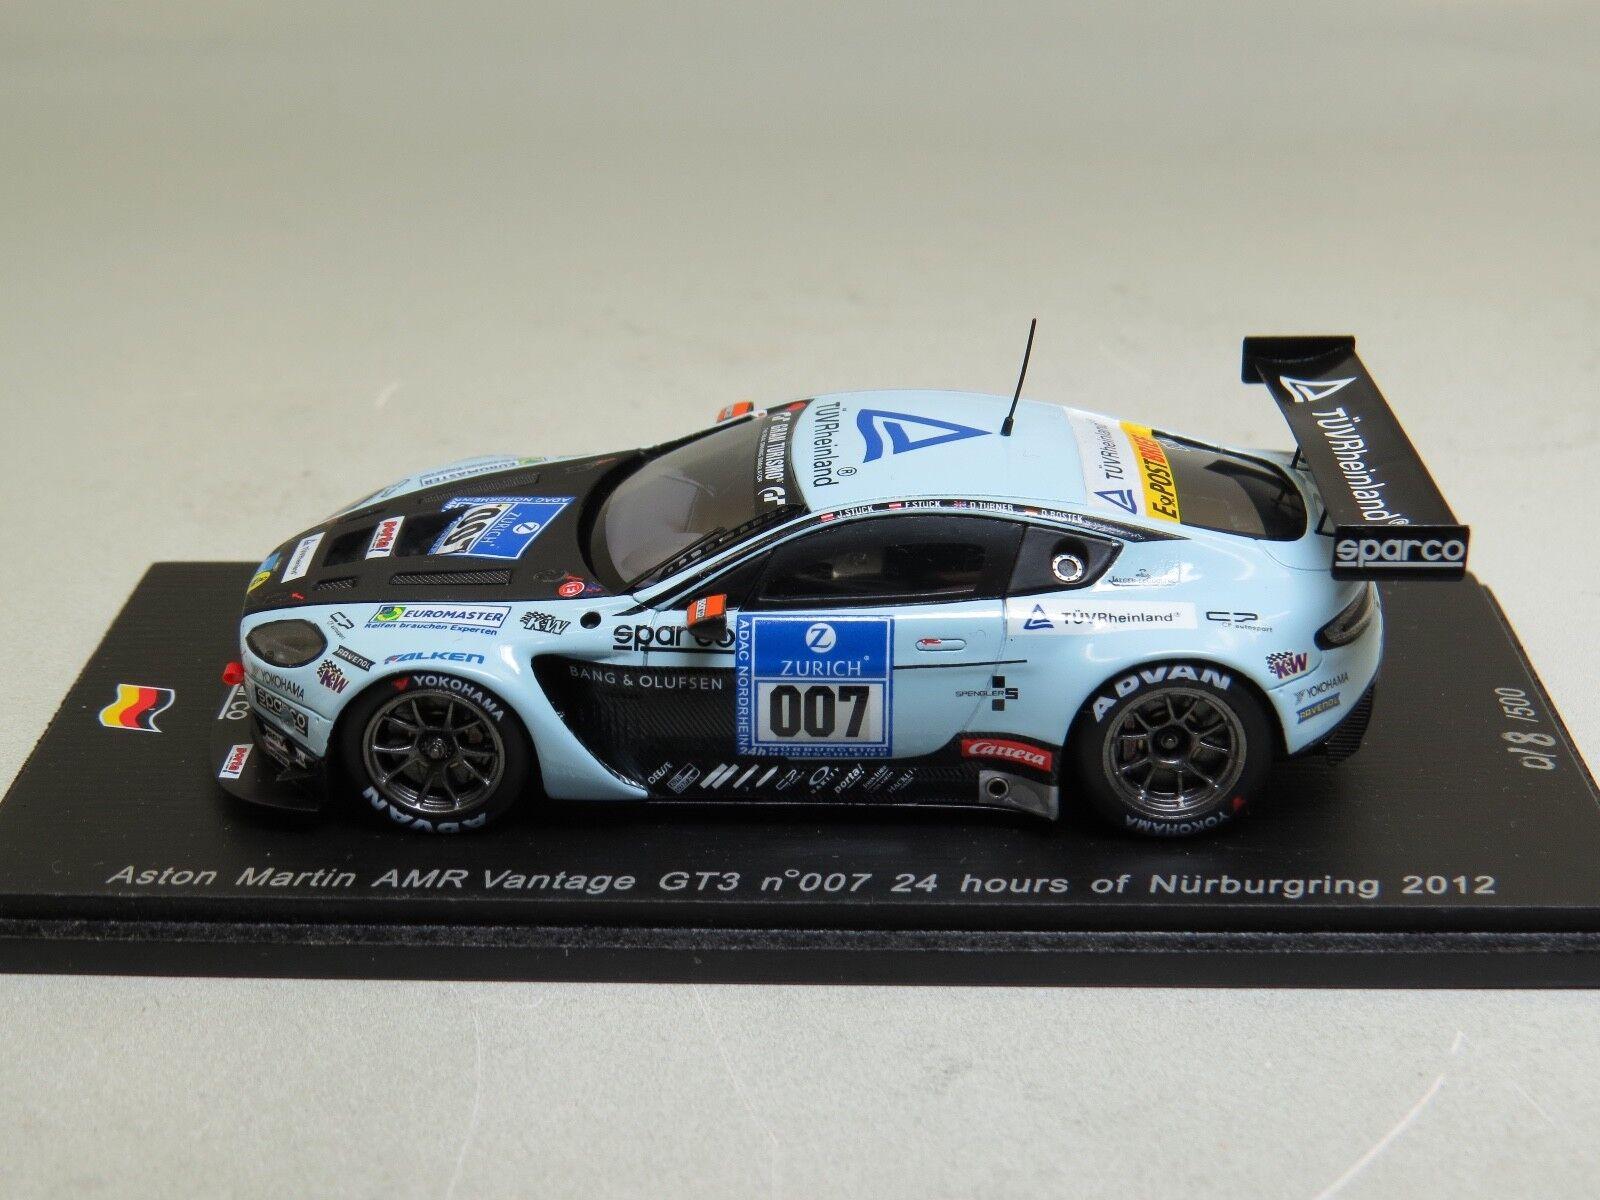 Aston Martin AMR Vantage GT3 nº007 24 Hours of Nürnburgring 2012 Spark SG062